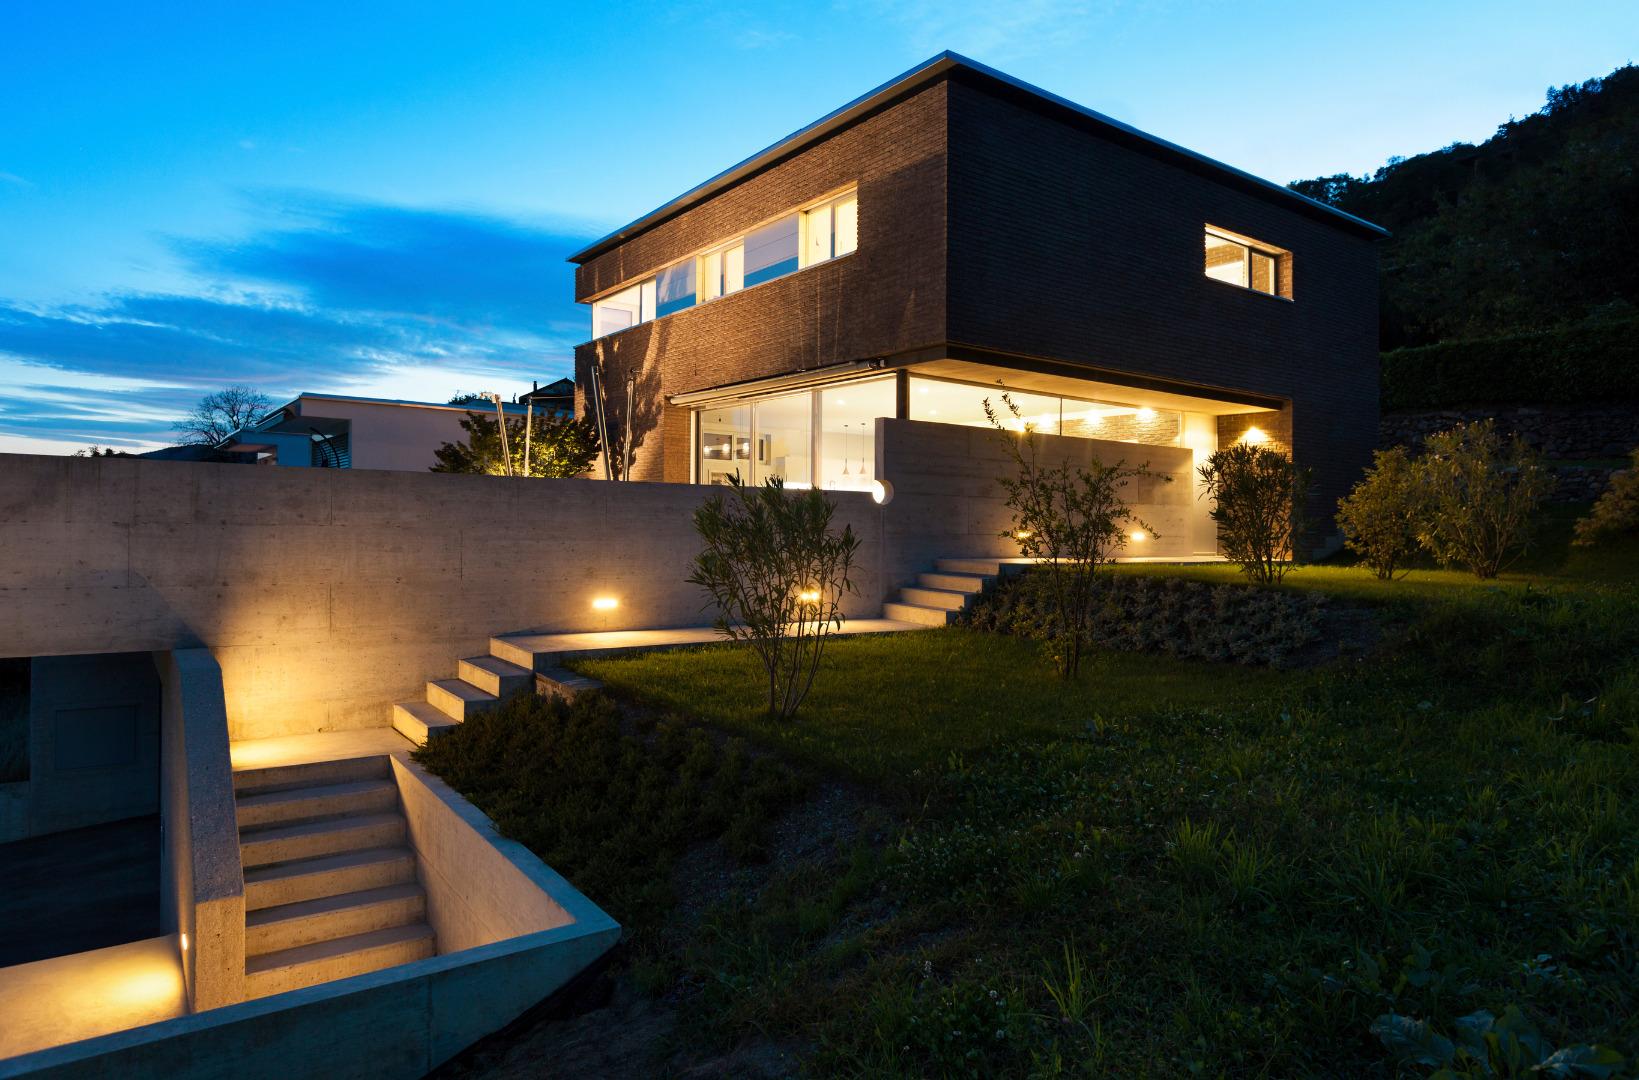 Consigli per l illuminazione esterna